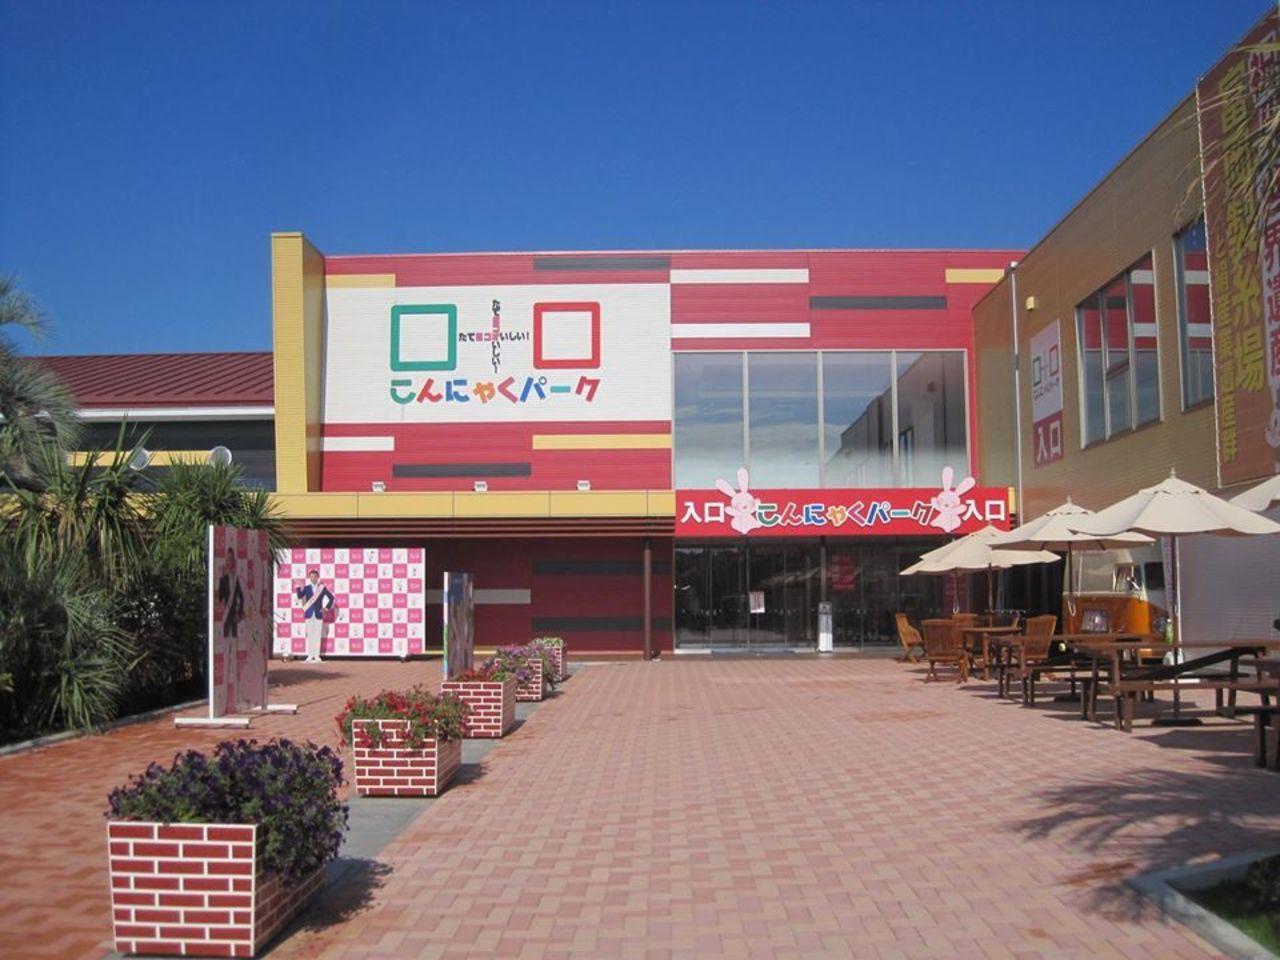 こんにゃくを楽しく体感する施設...群馬県甘楽郡甘楽町小幡の「こんにゃくパーク」